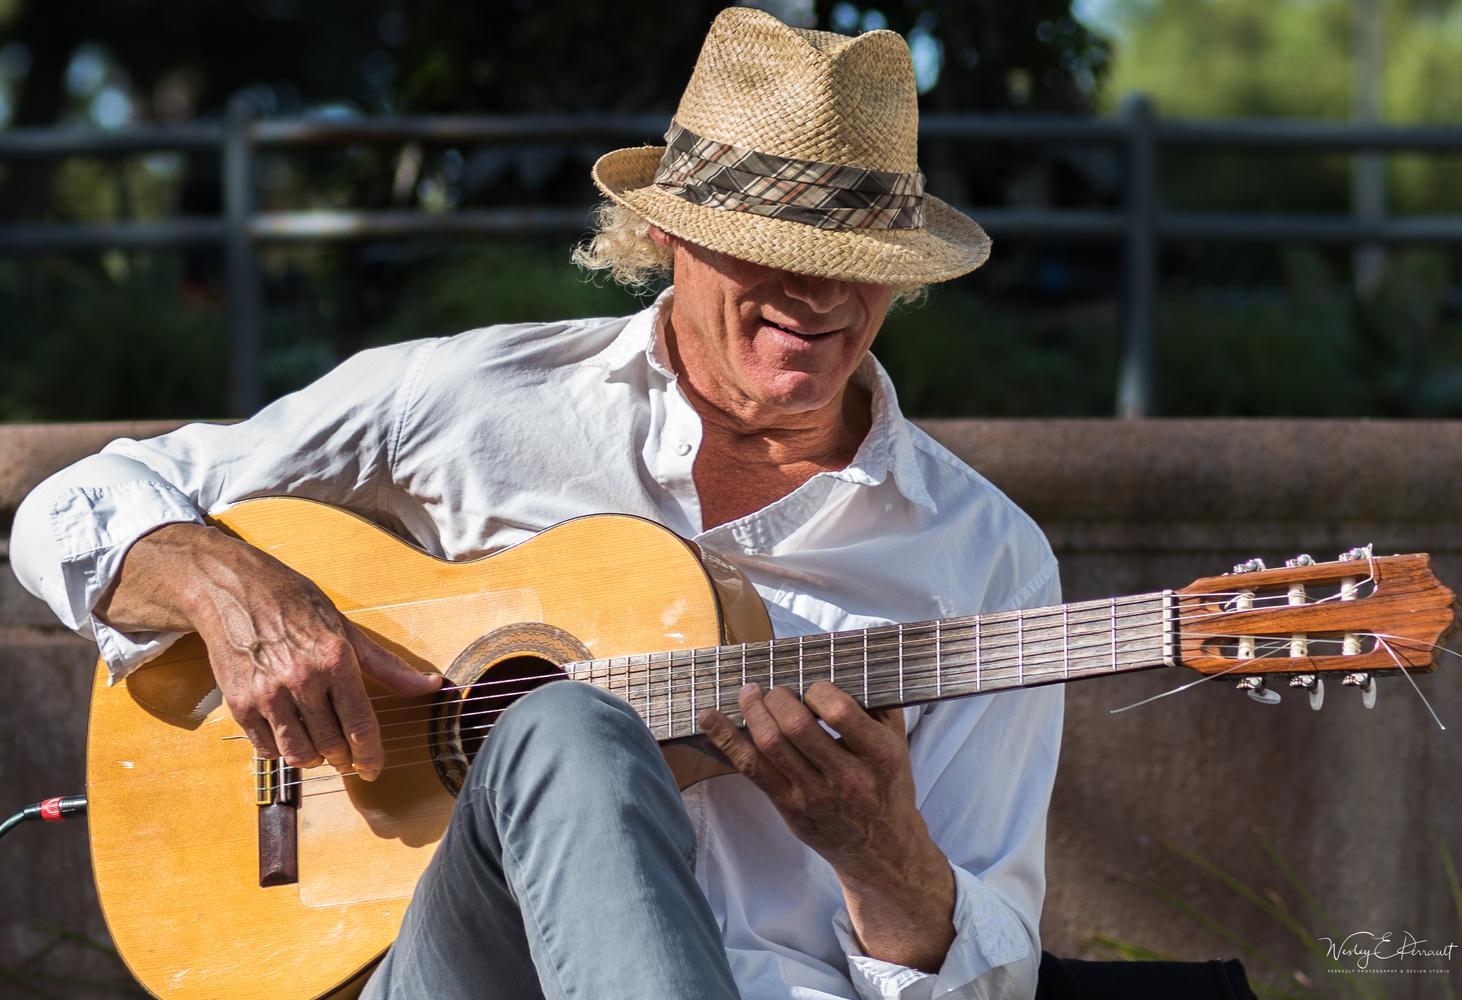 Guitar Guy  by Wesley Perrault